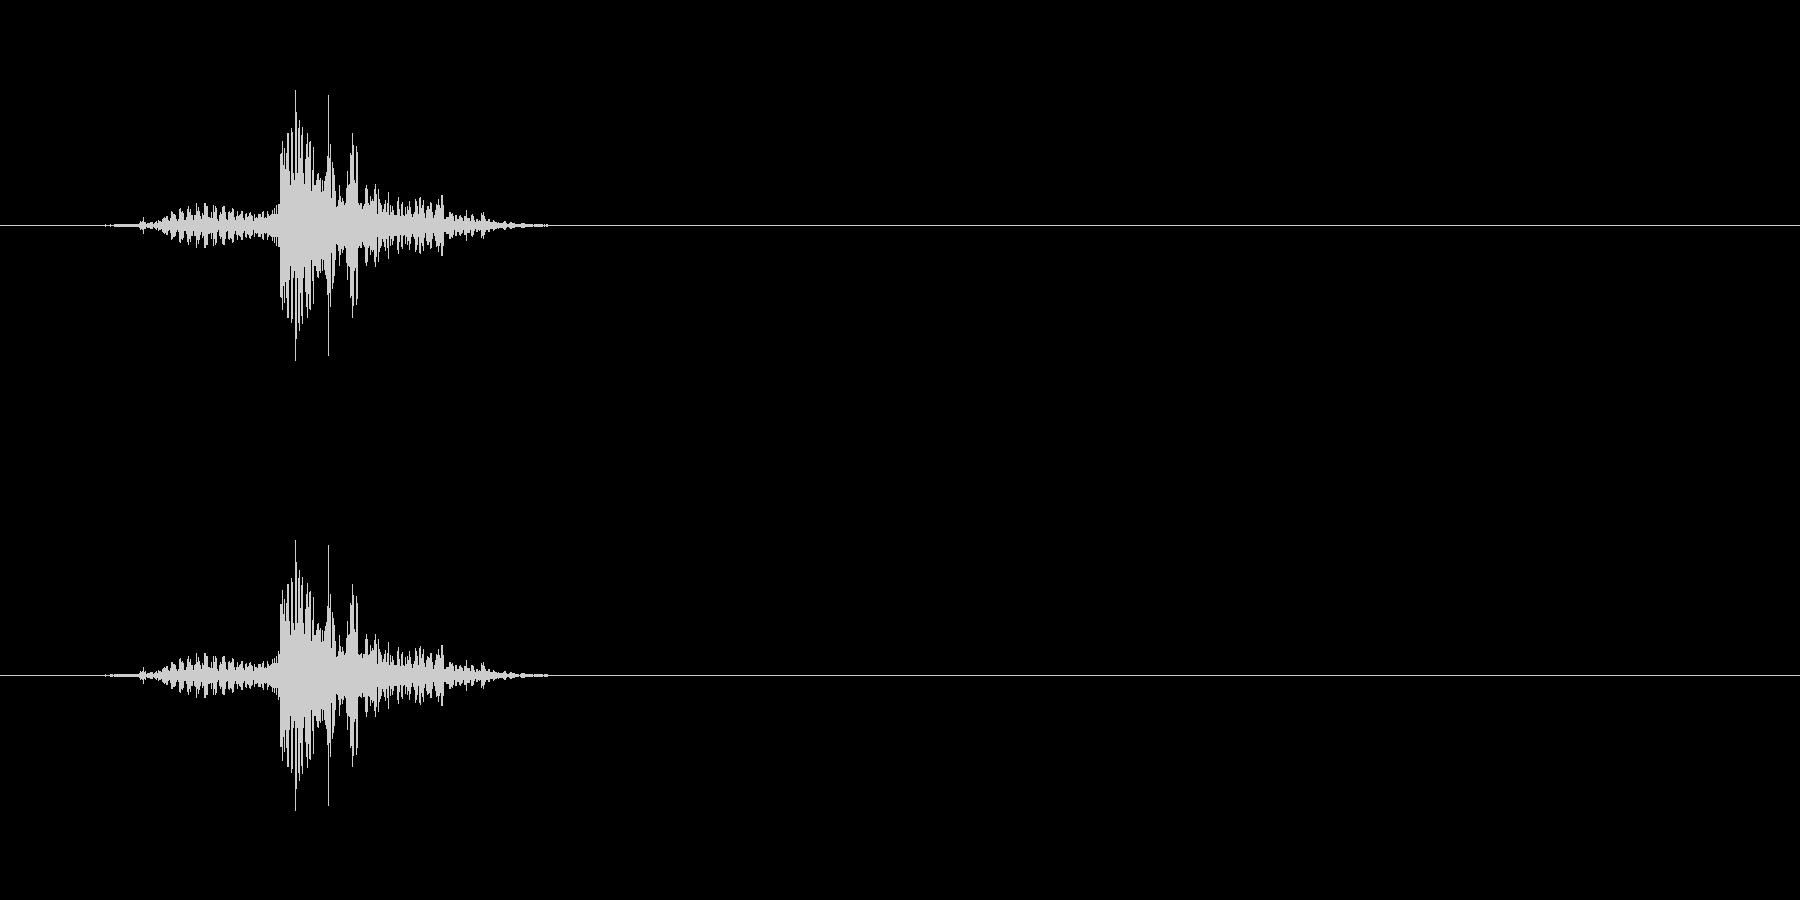 【ブーブークッション01-3】の未再生の波形